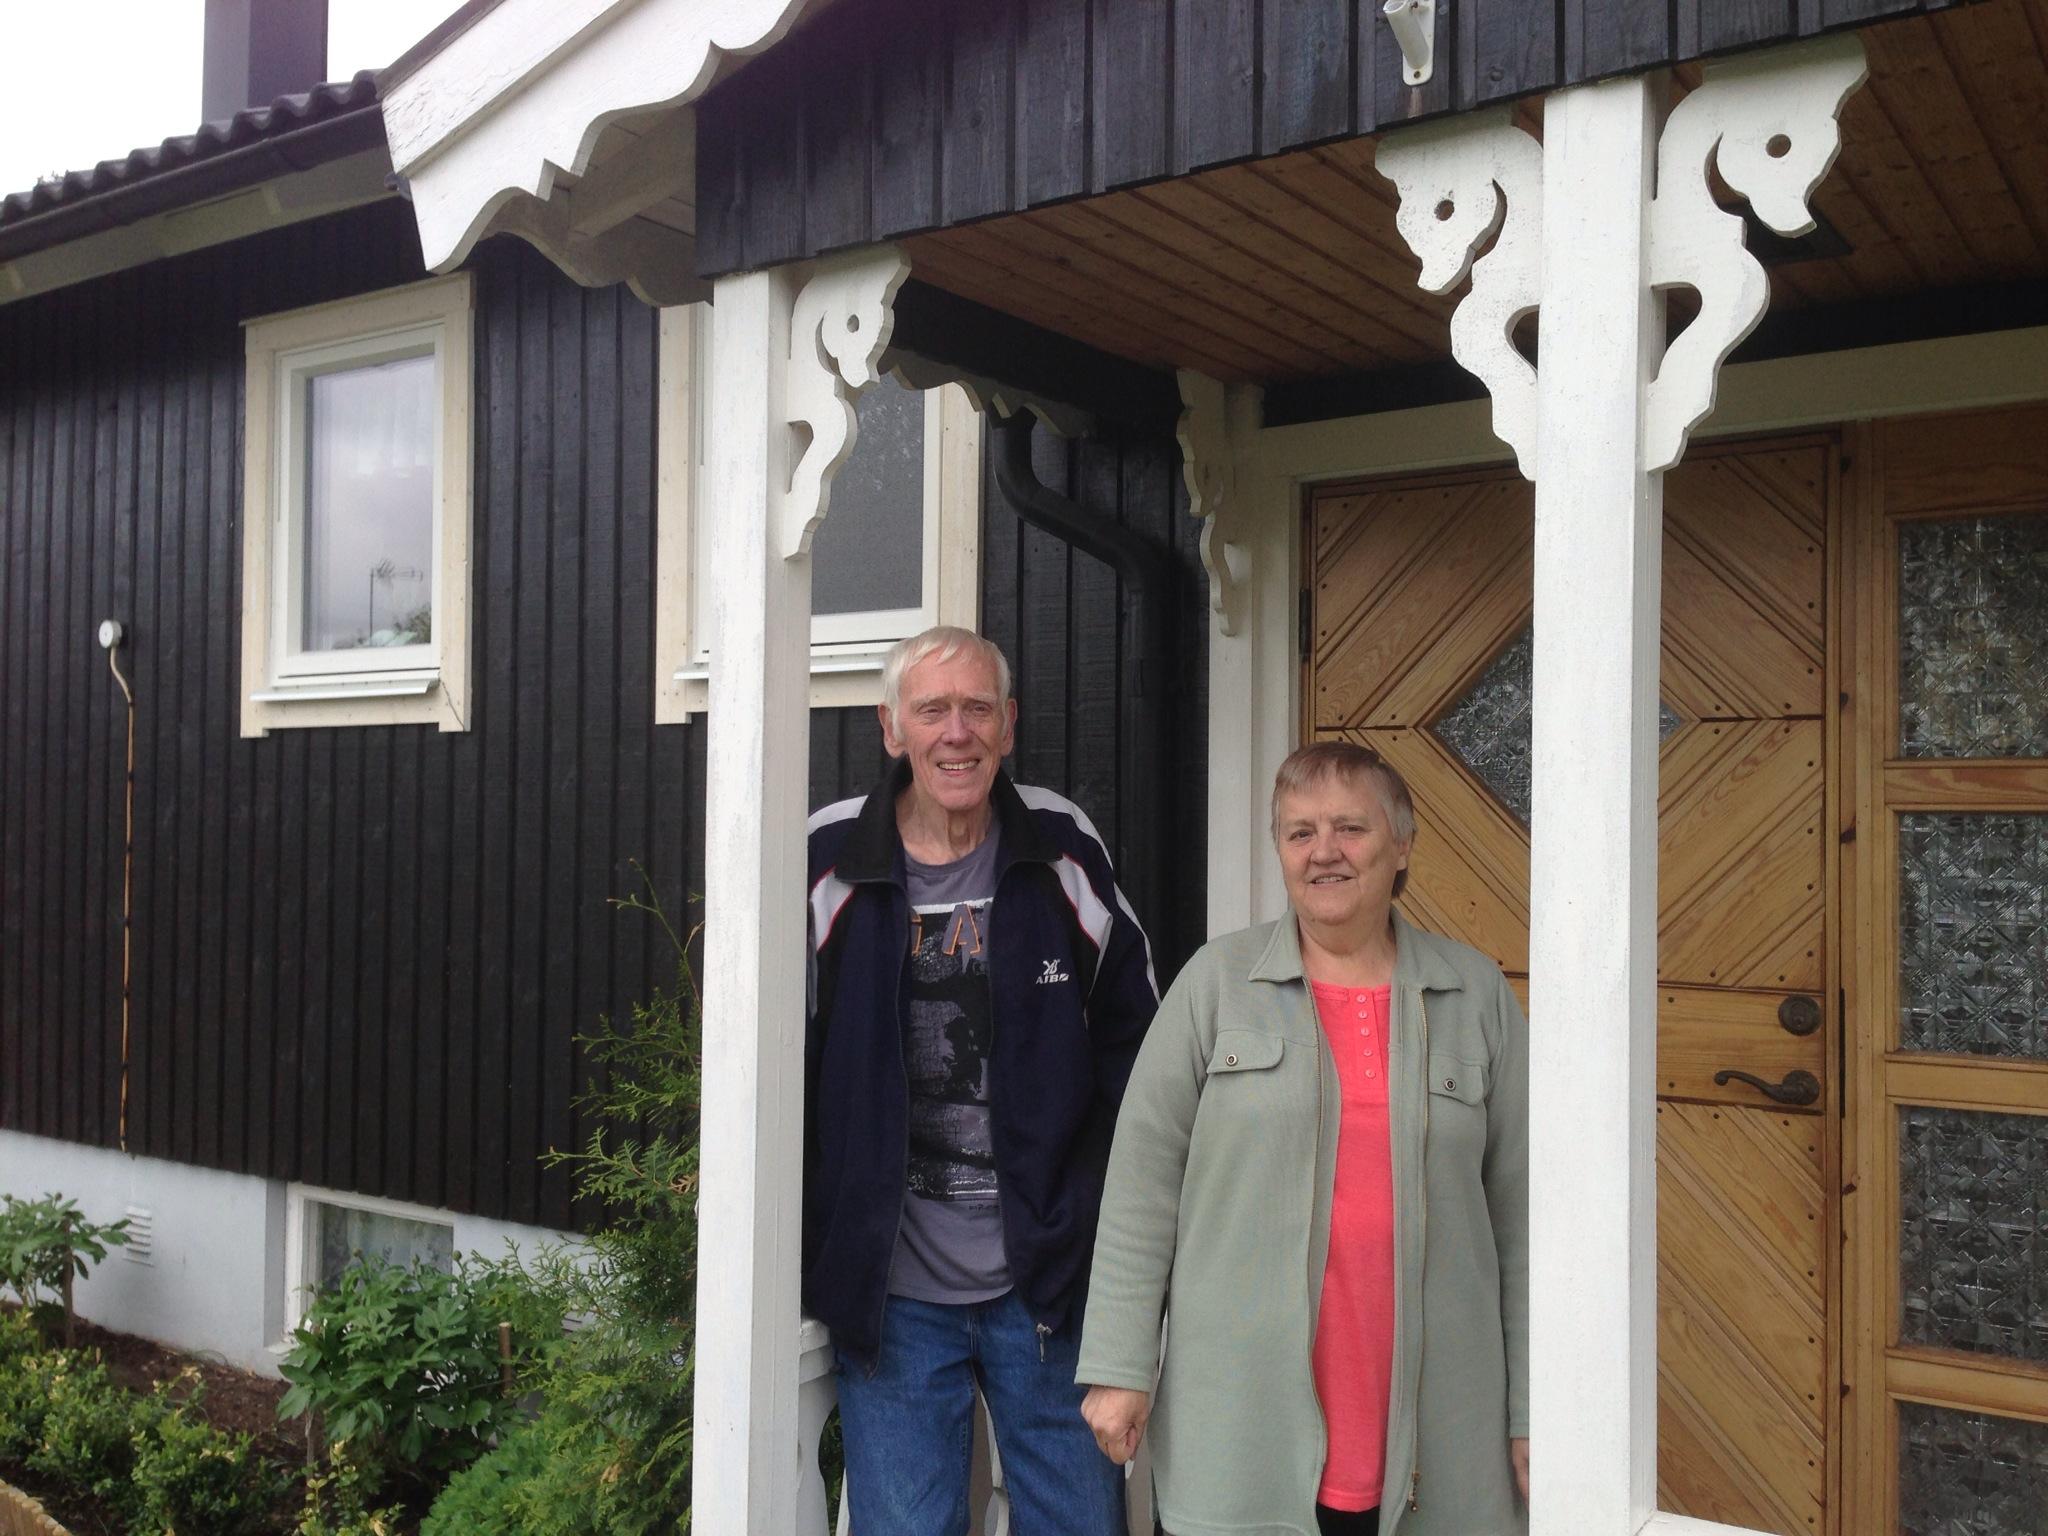 Tage o Anita Johnson i Holsbybrunn, det blev så ljust och luftigt med nya fönster och otroligt lättskötta fönster!